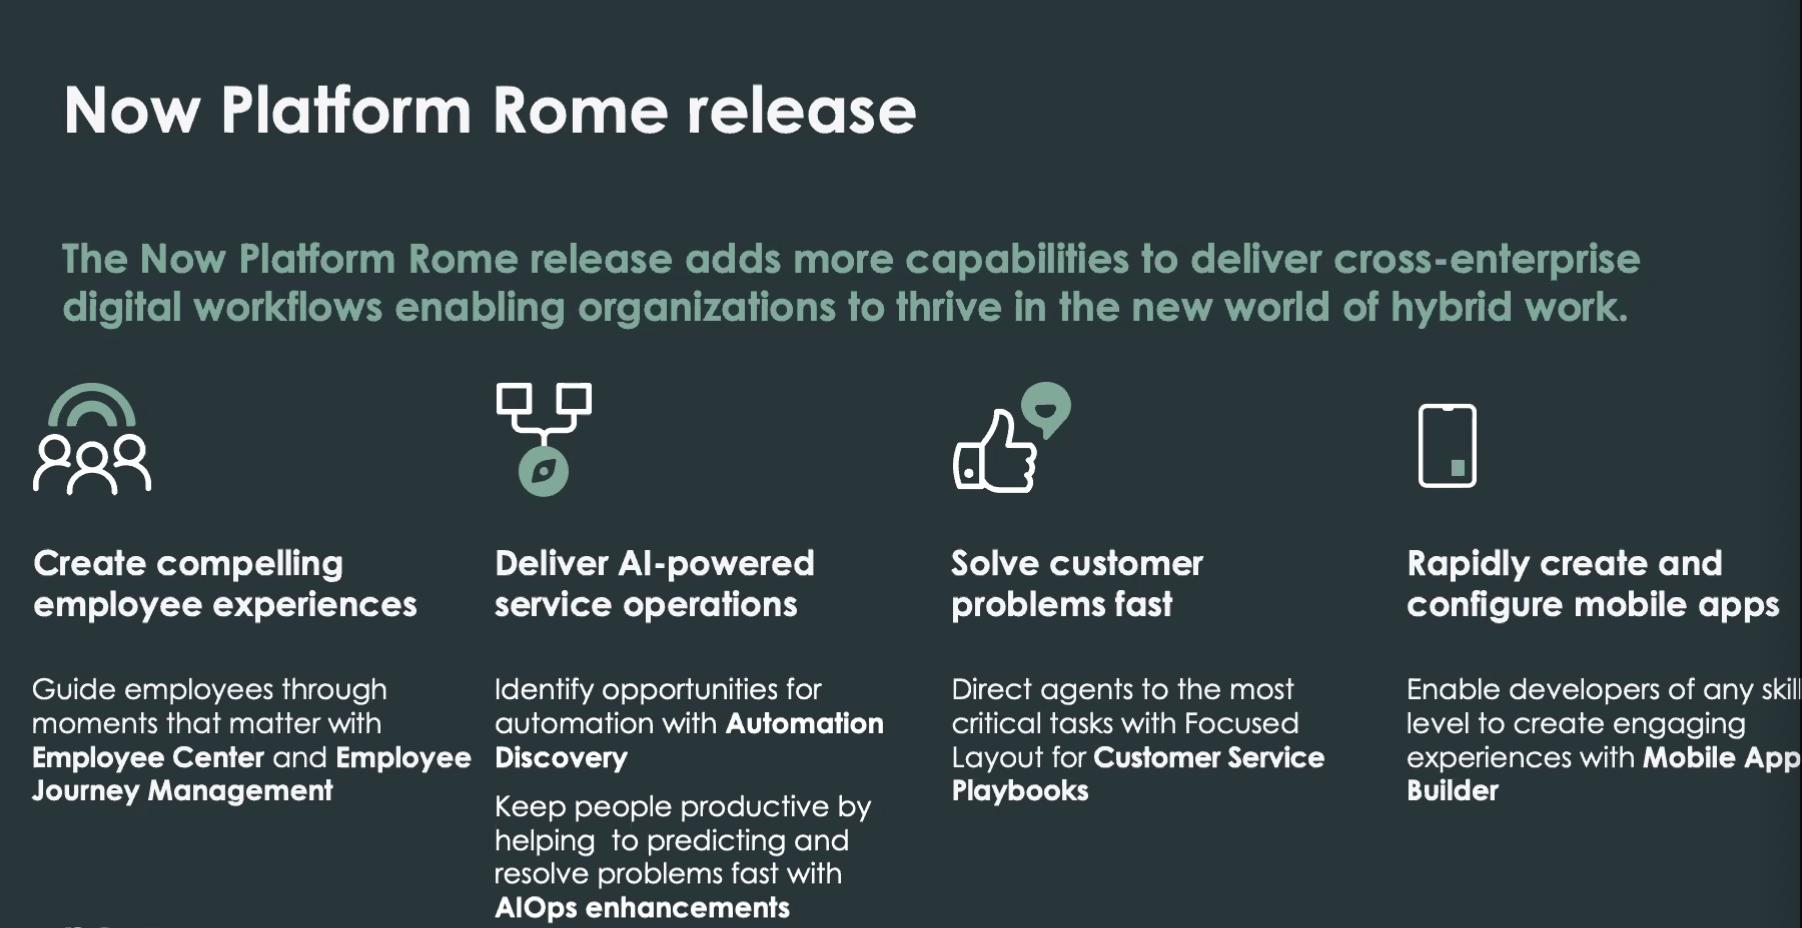 Service Now lancia la nuova release Rome della Now Platform Rome